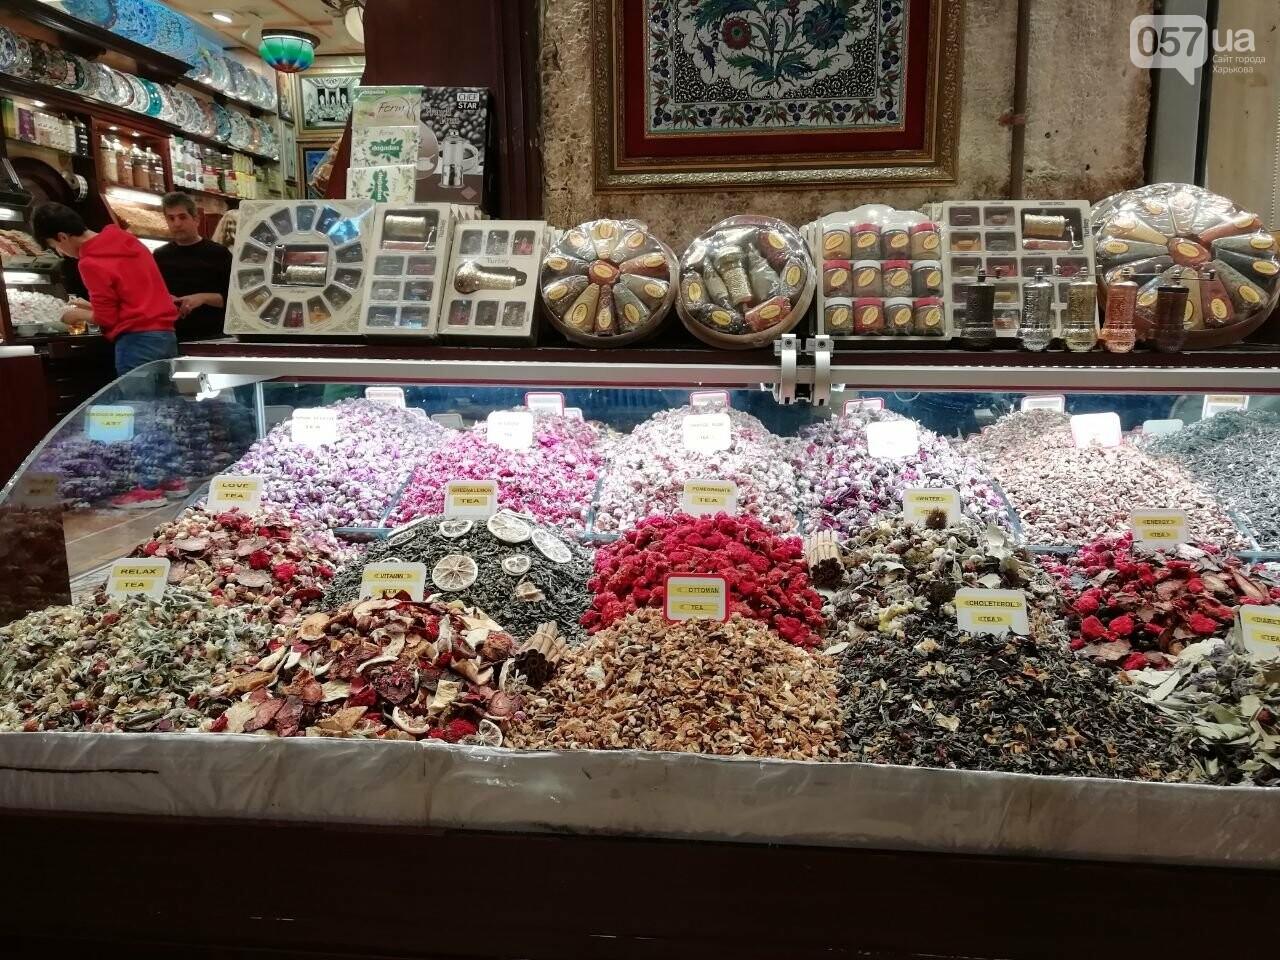 Из Харькова в Стамбул. Как добраться, что попробовать и на что посмотреть в турецком городе, - ФОТО, фото-36